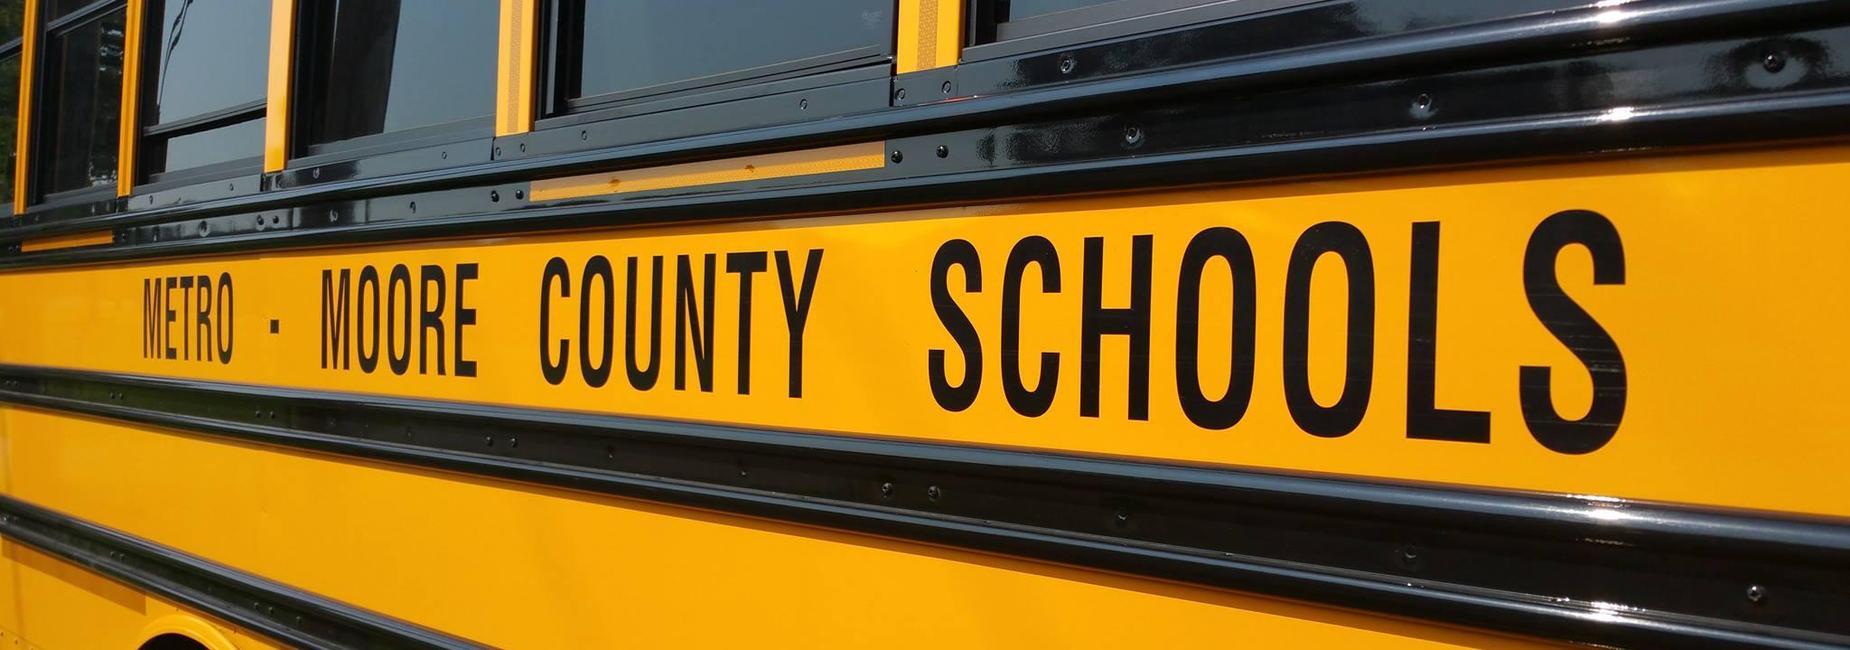 Metro - Moore County Schools